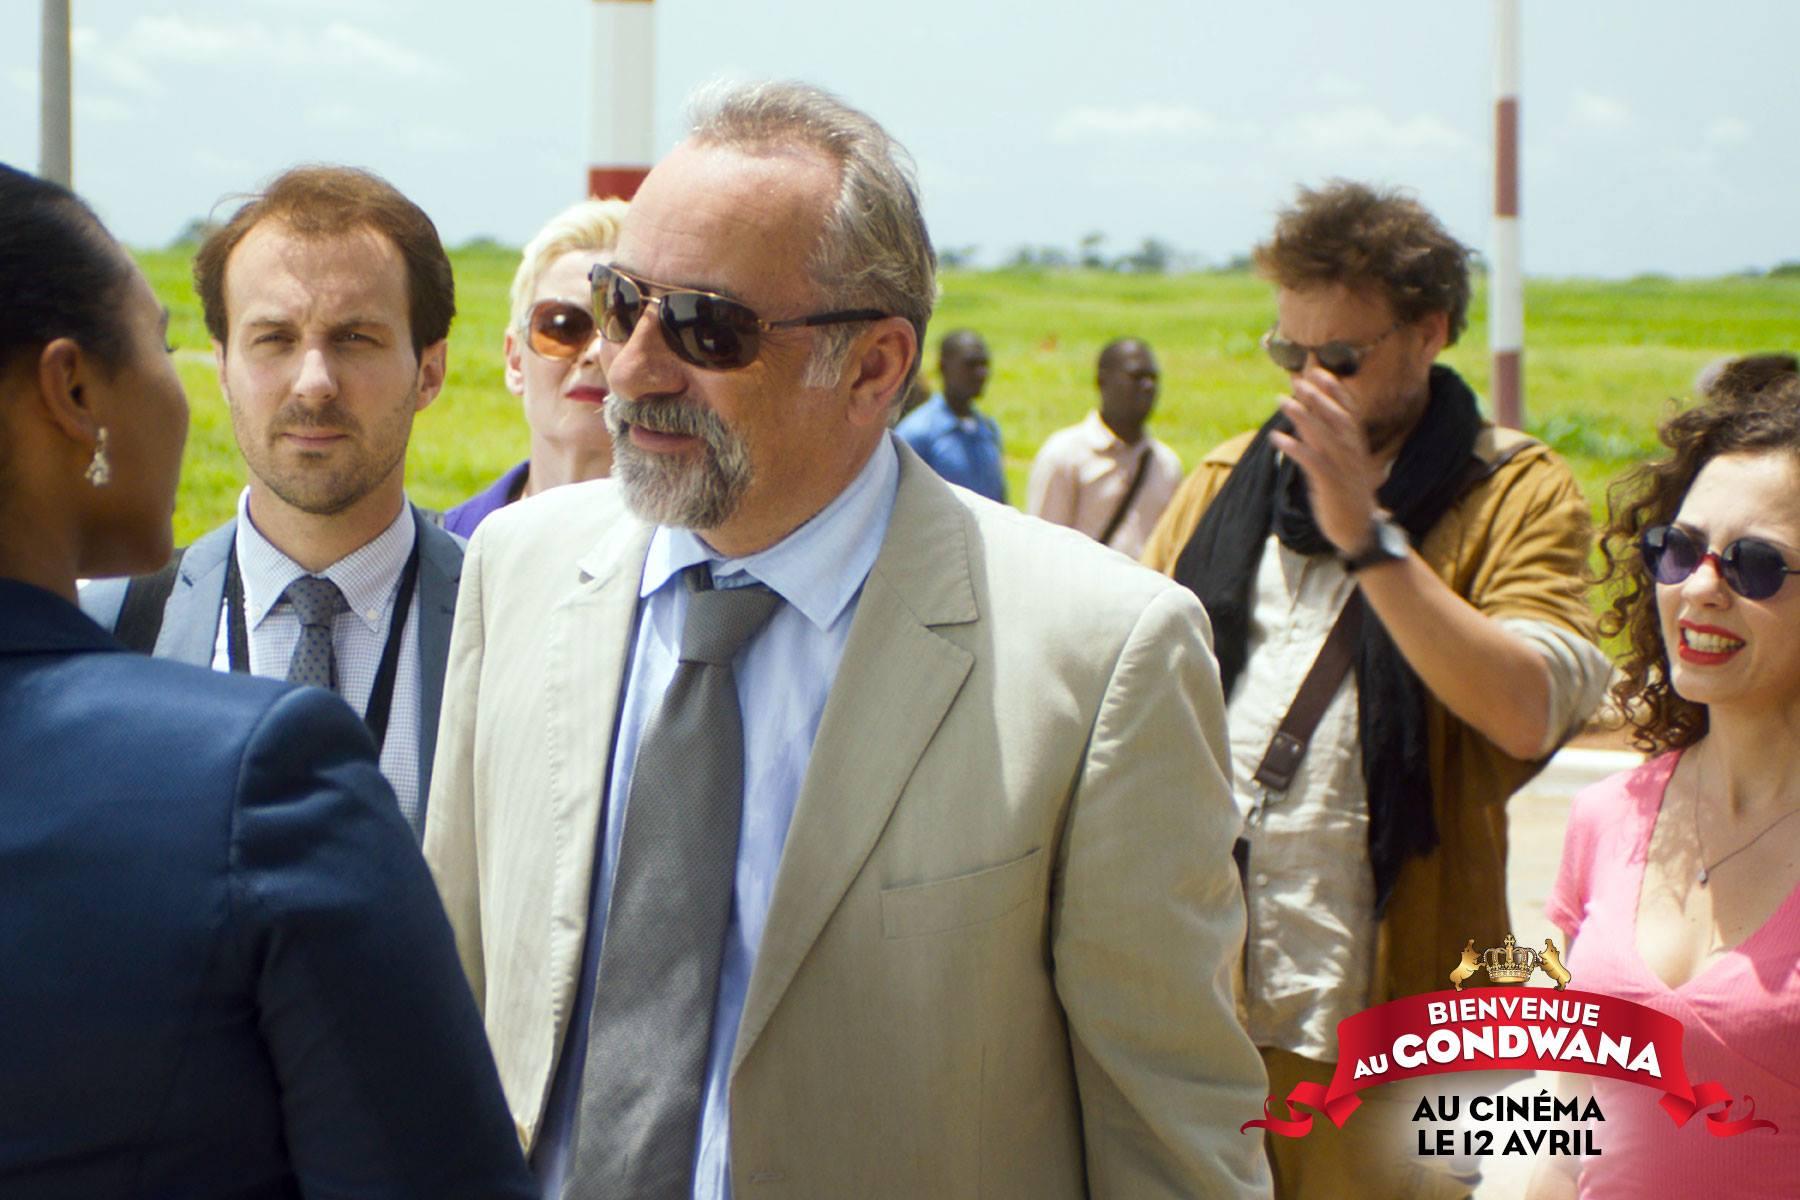 Antoine Duléry incarne Delaville, l'élu d'une petite bourgade française, désigné à la tête de la commission internationale pour els élections au Gondwana